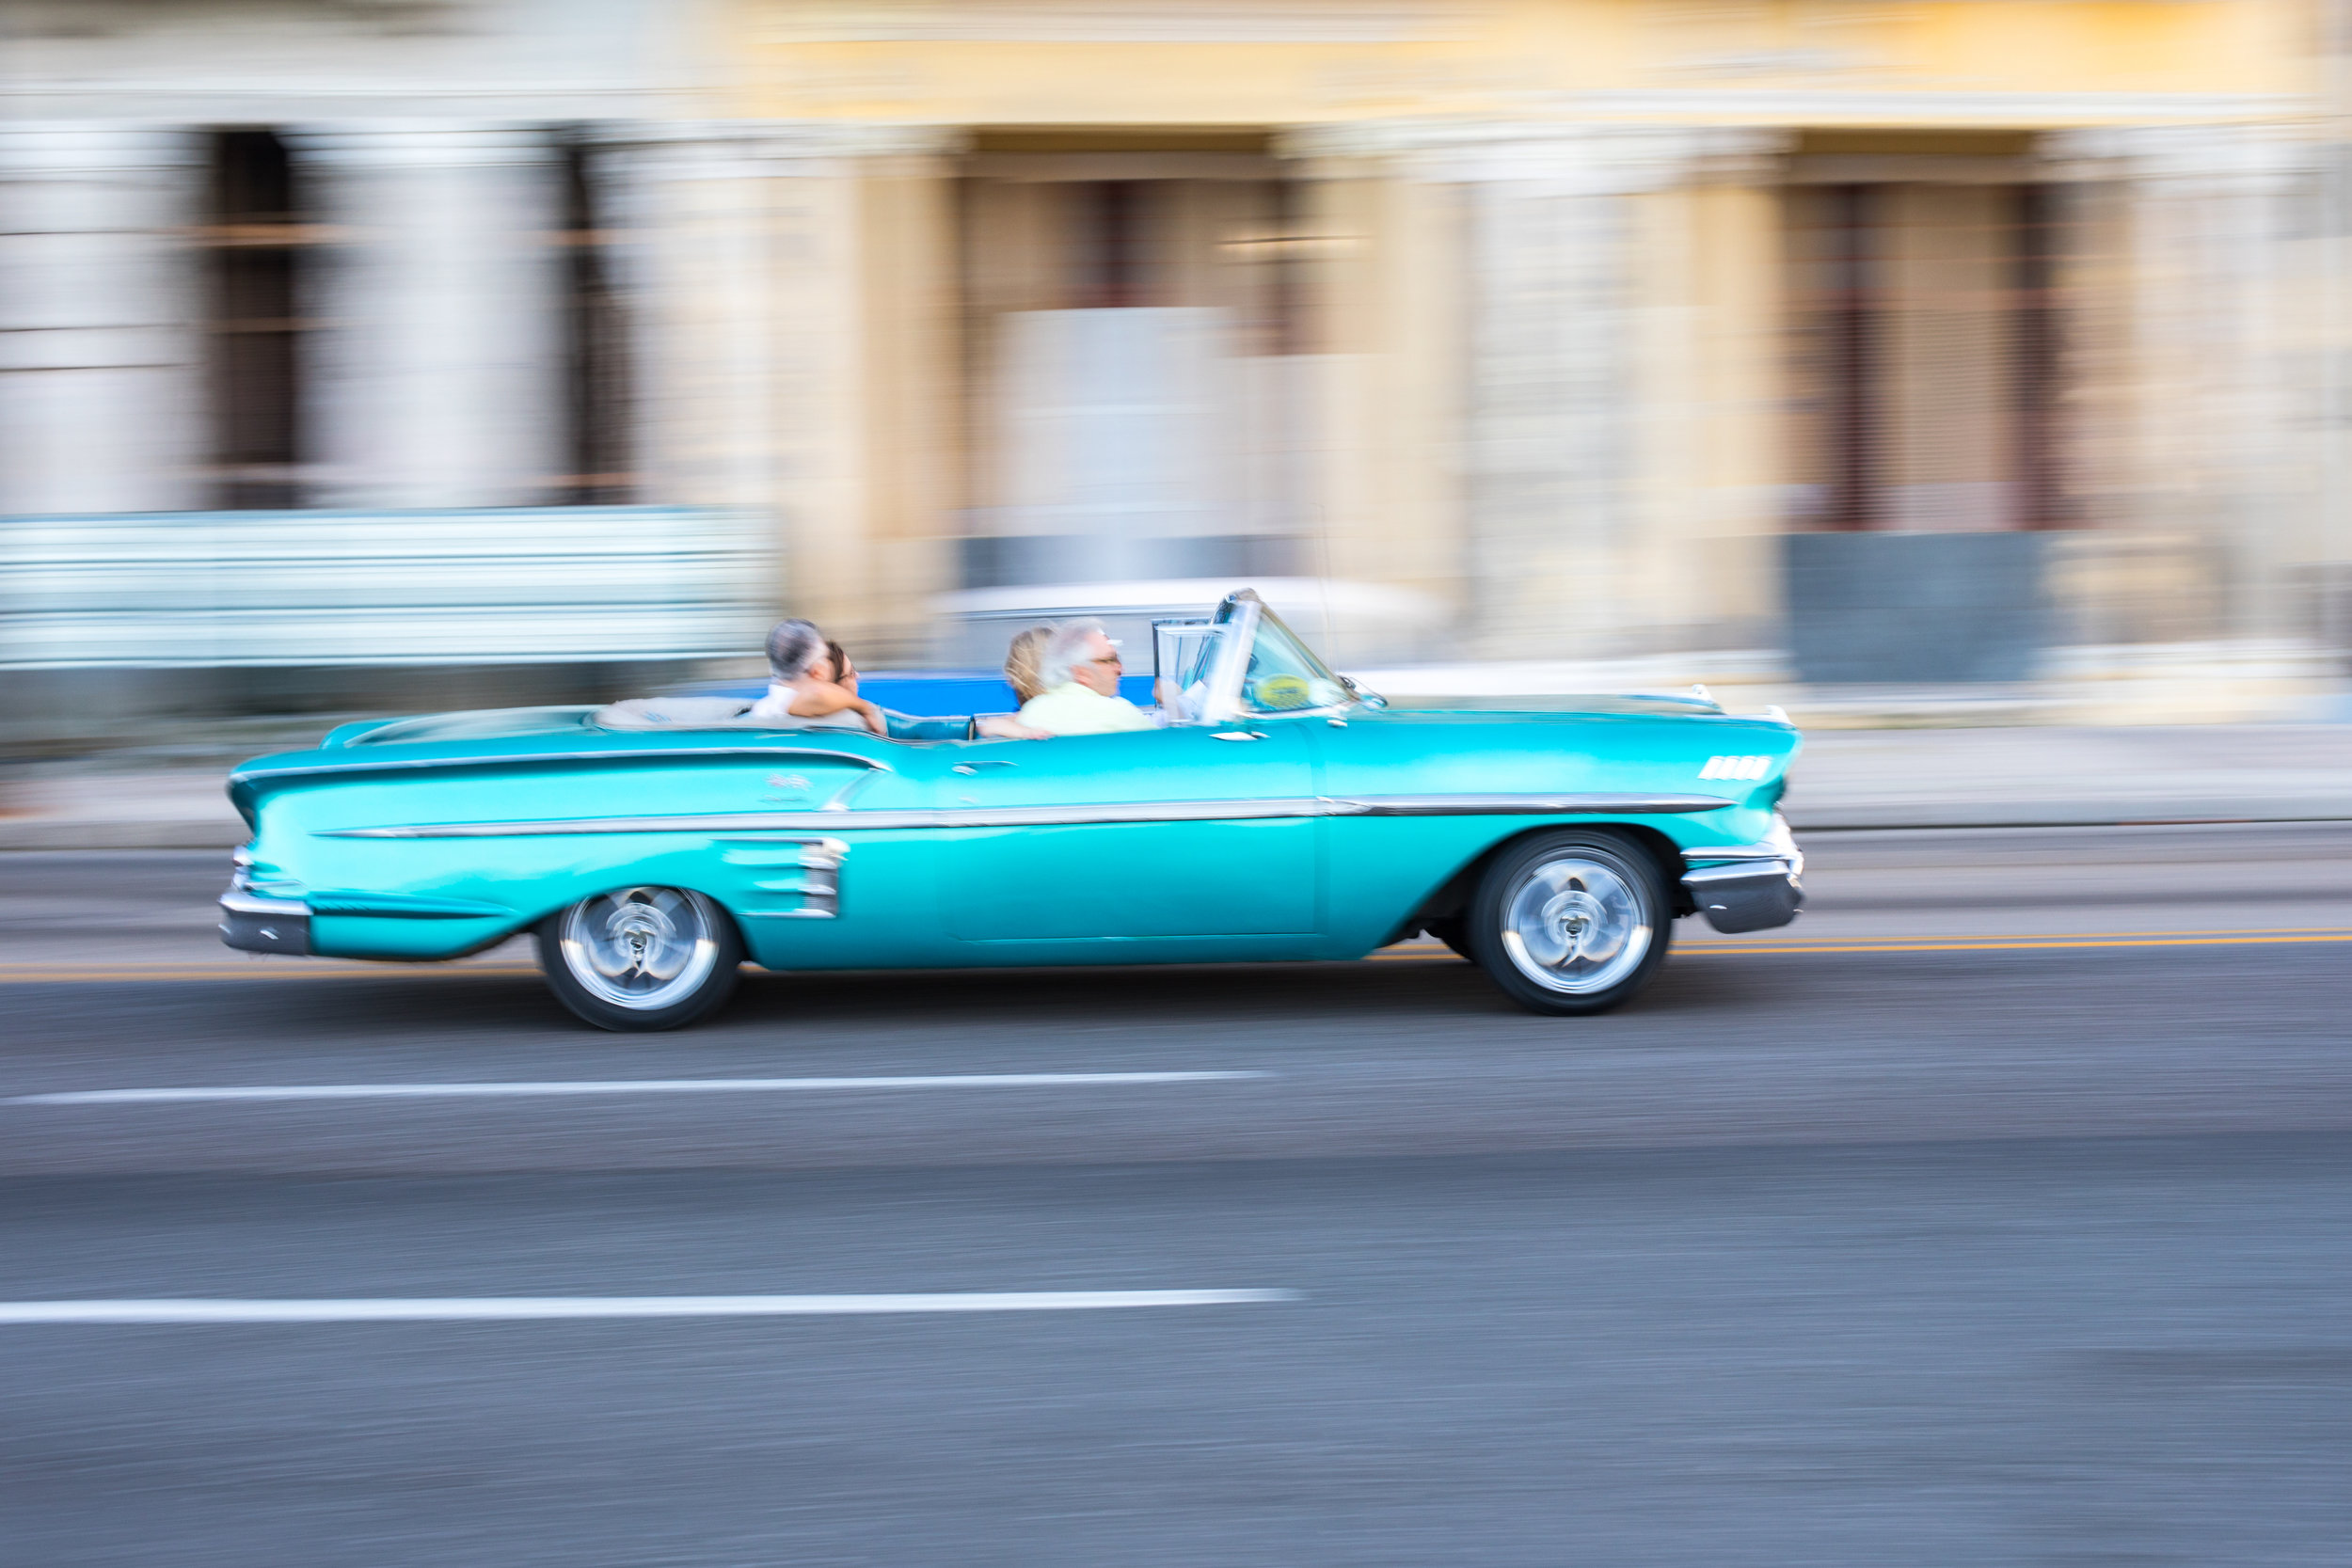 A classic car drives past in La Habana, the capital of Cuba.